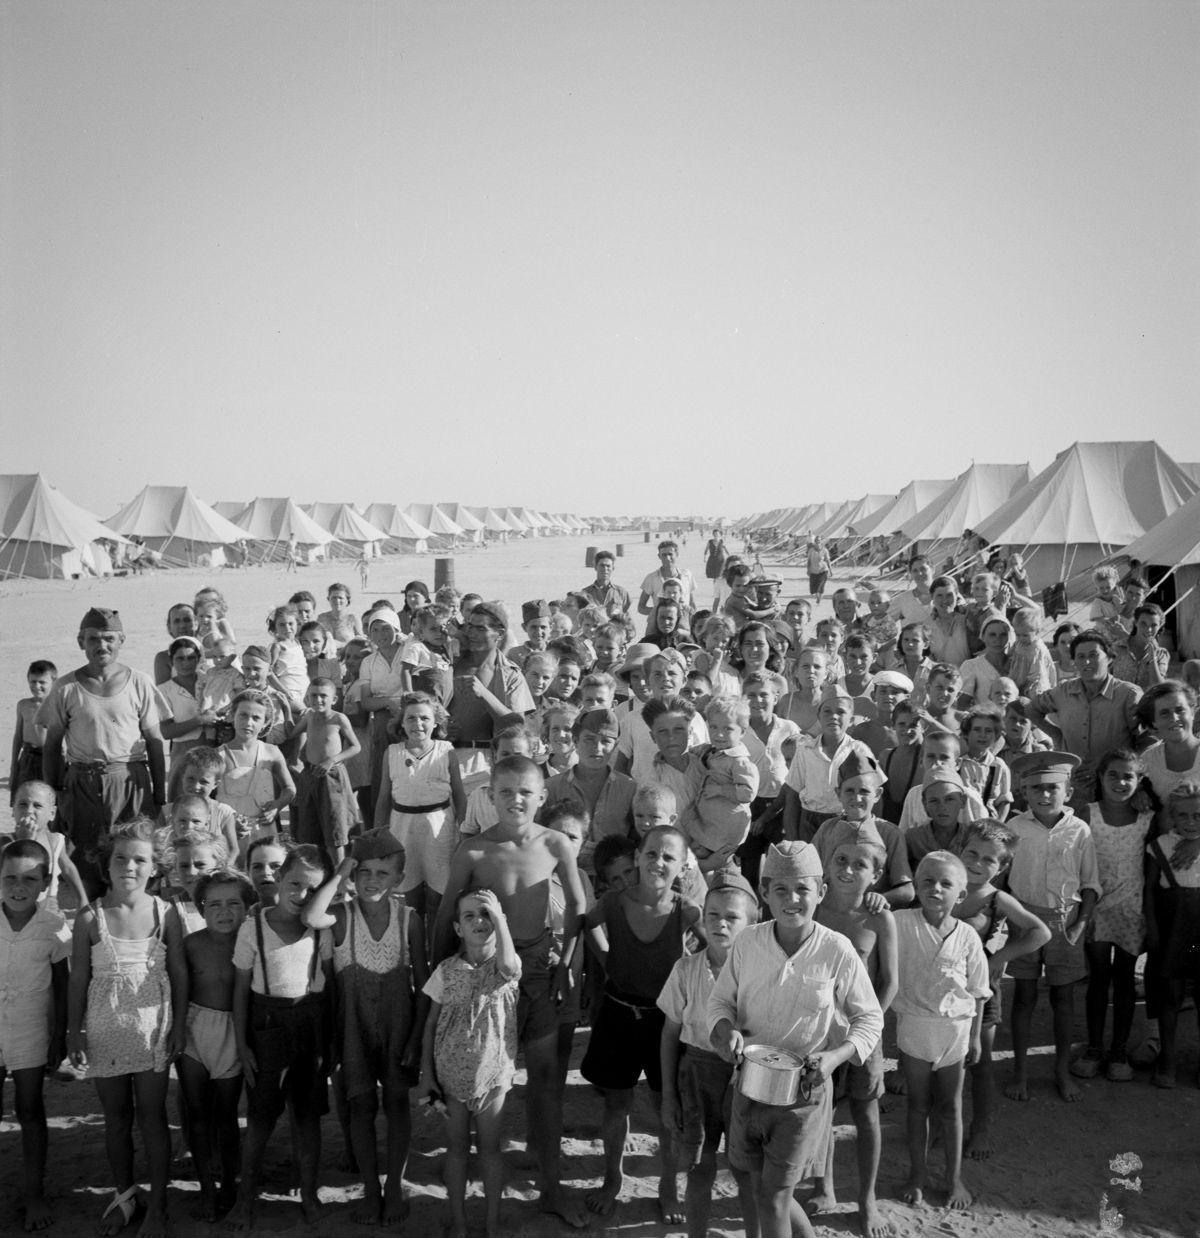 Quando os refugiados fugiram da Europa devastada pela guerra buscando paraísos no Oriente Médio 03